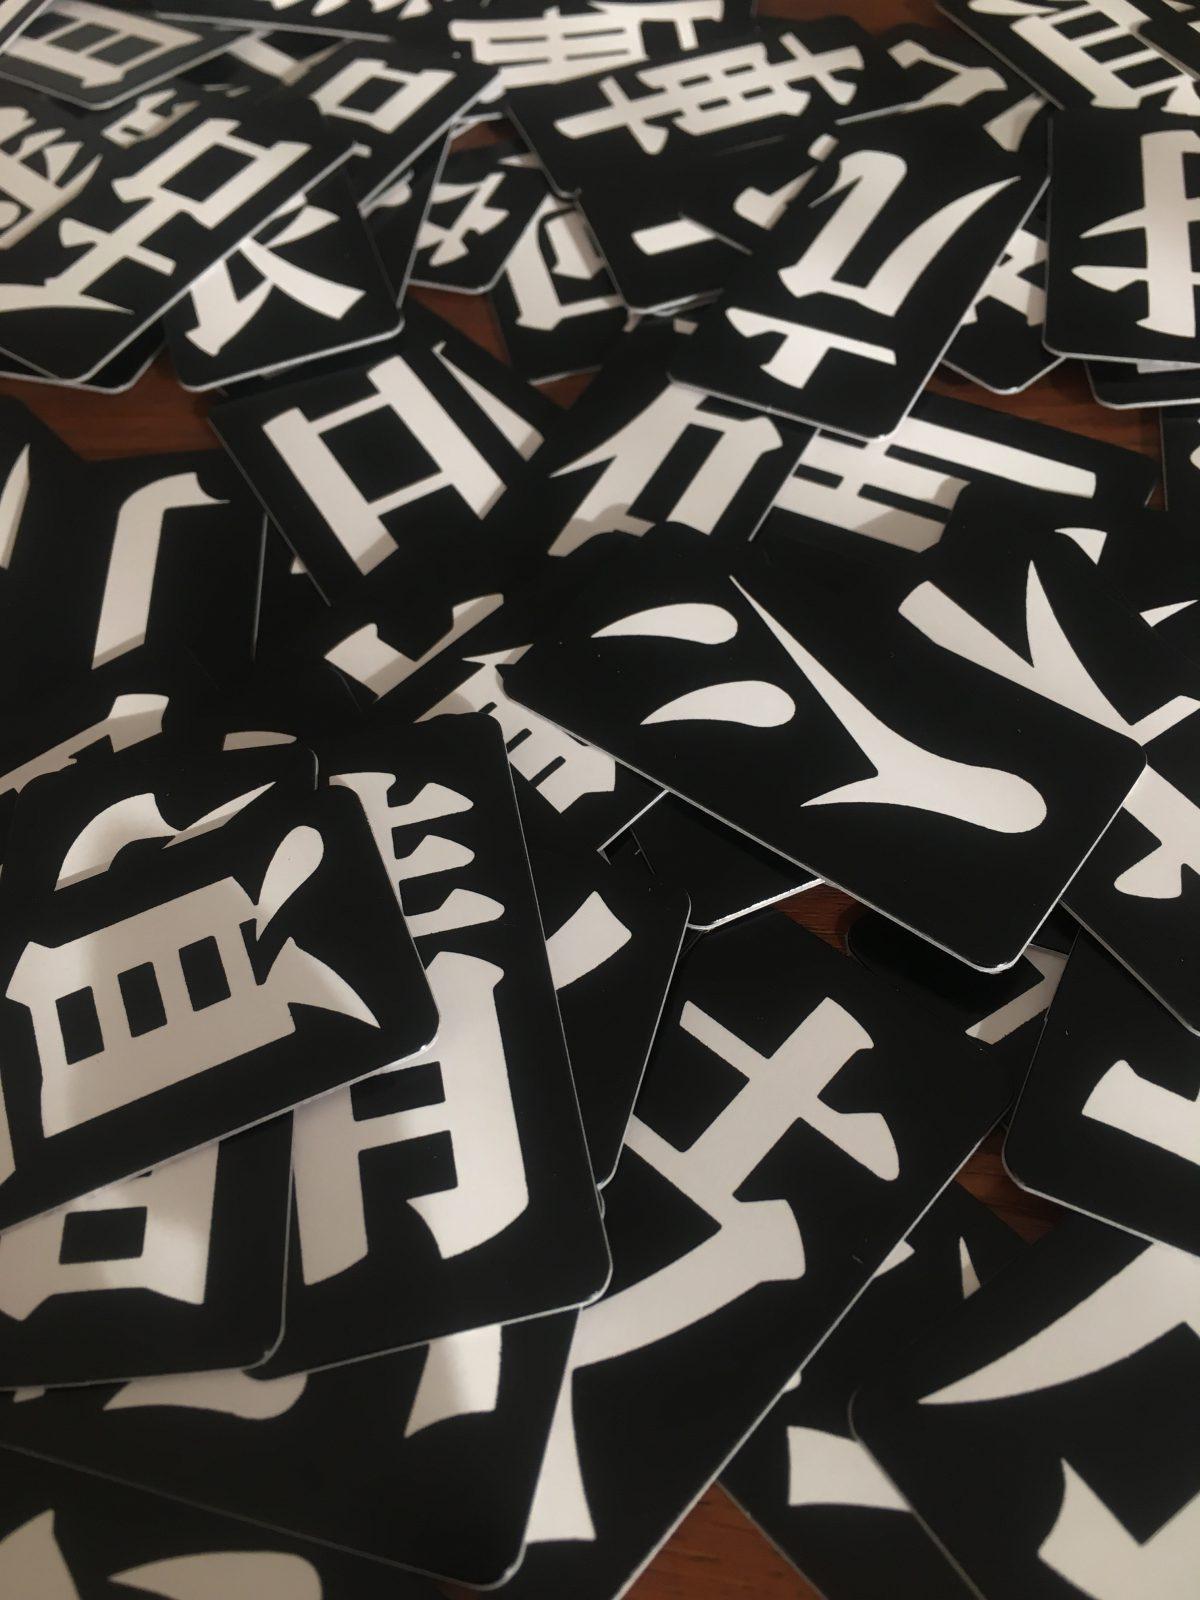 漢字を楽しく覚える工夫